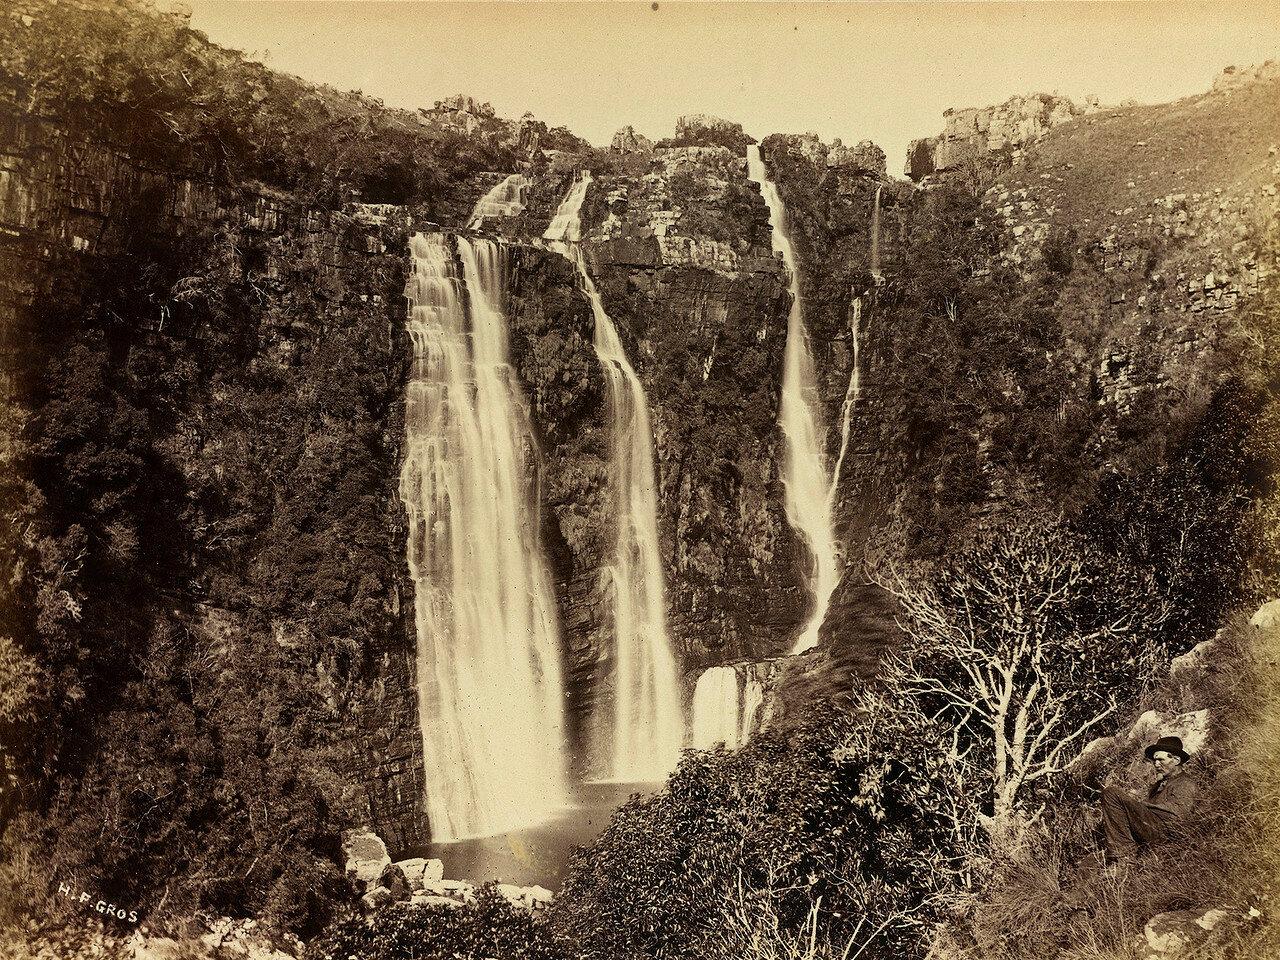 Водопад Мак Мак в восточной части колонии Трансвааль